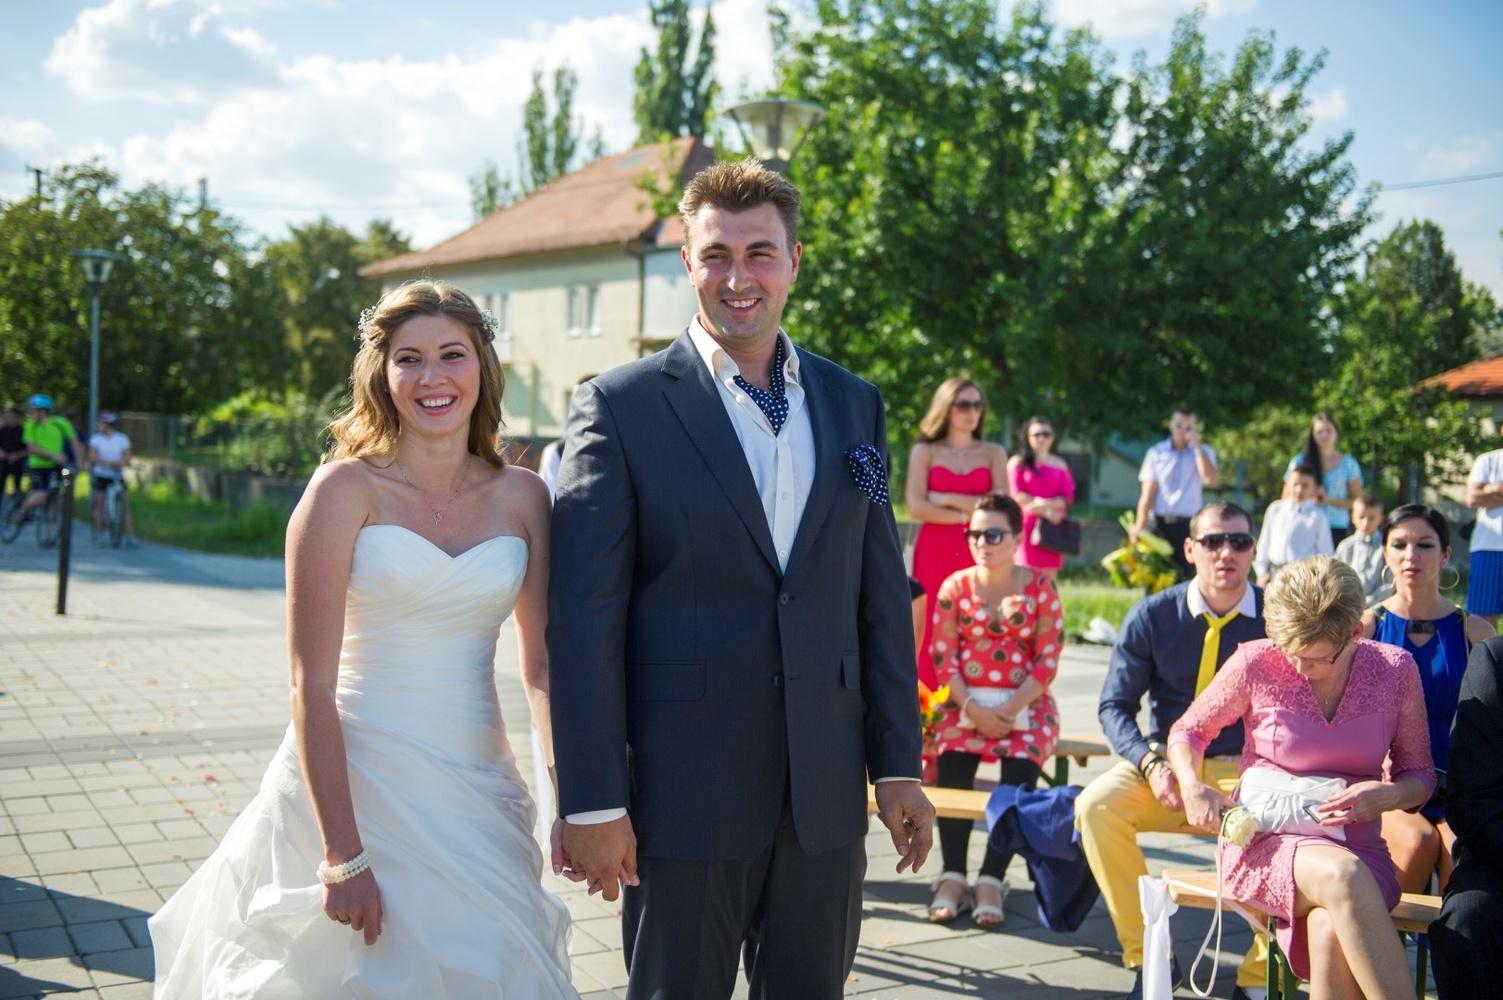 http://www.fotoz.sk/images/gallery-9/normal/eskuvoi-fotos_svadobny-fotograf_059.jpg